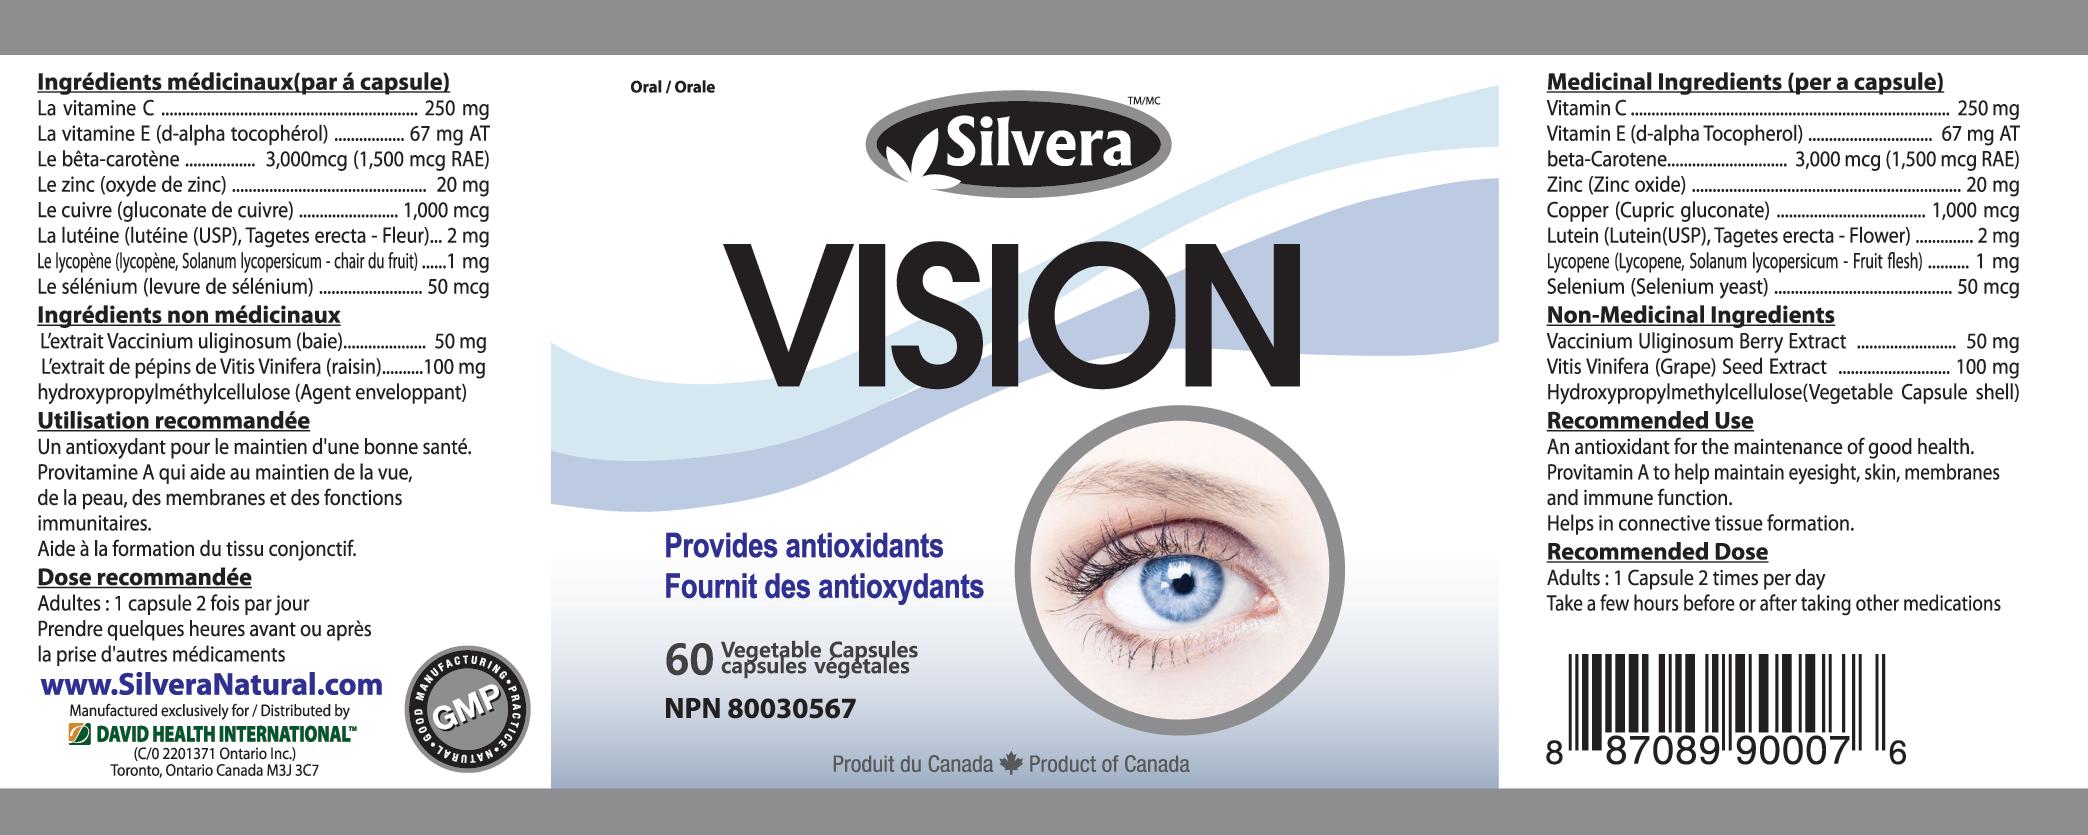 Silver 21 Vision 60 Veggie Capsules